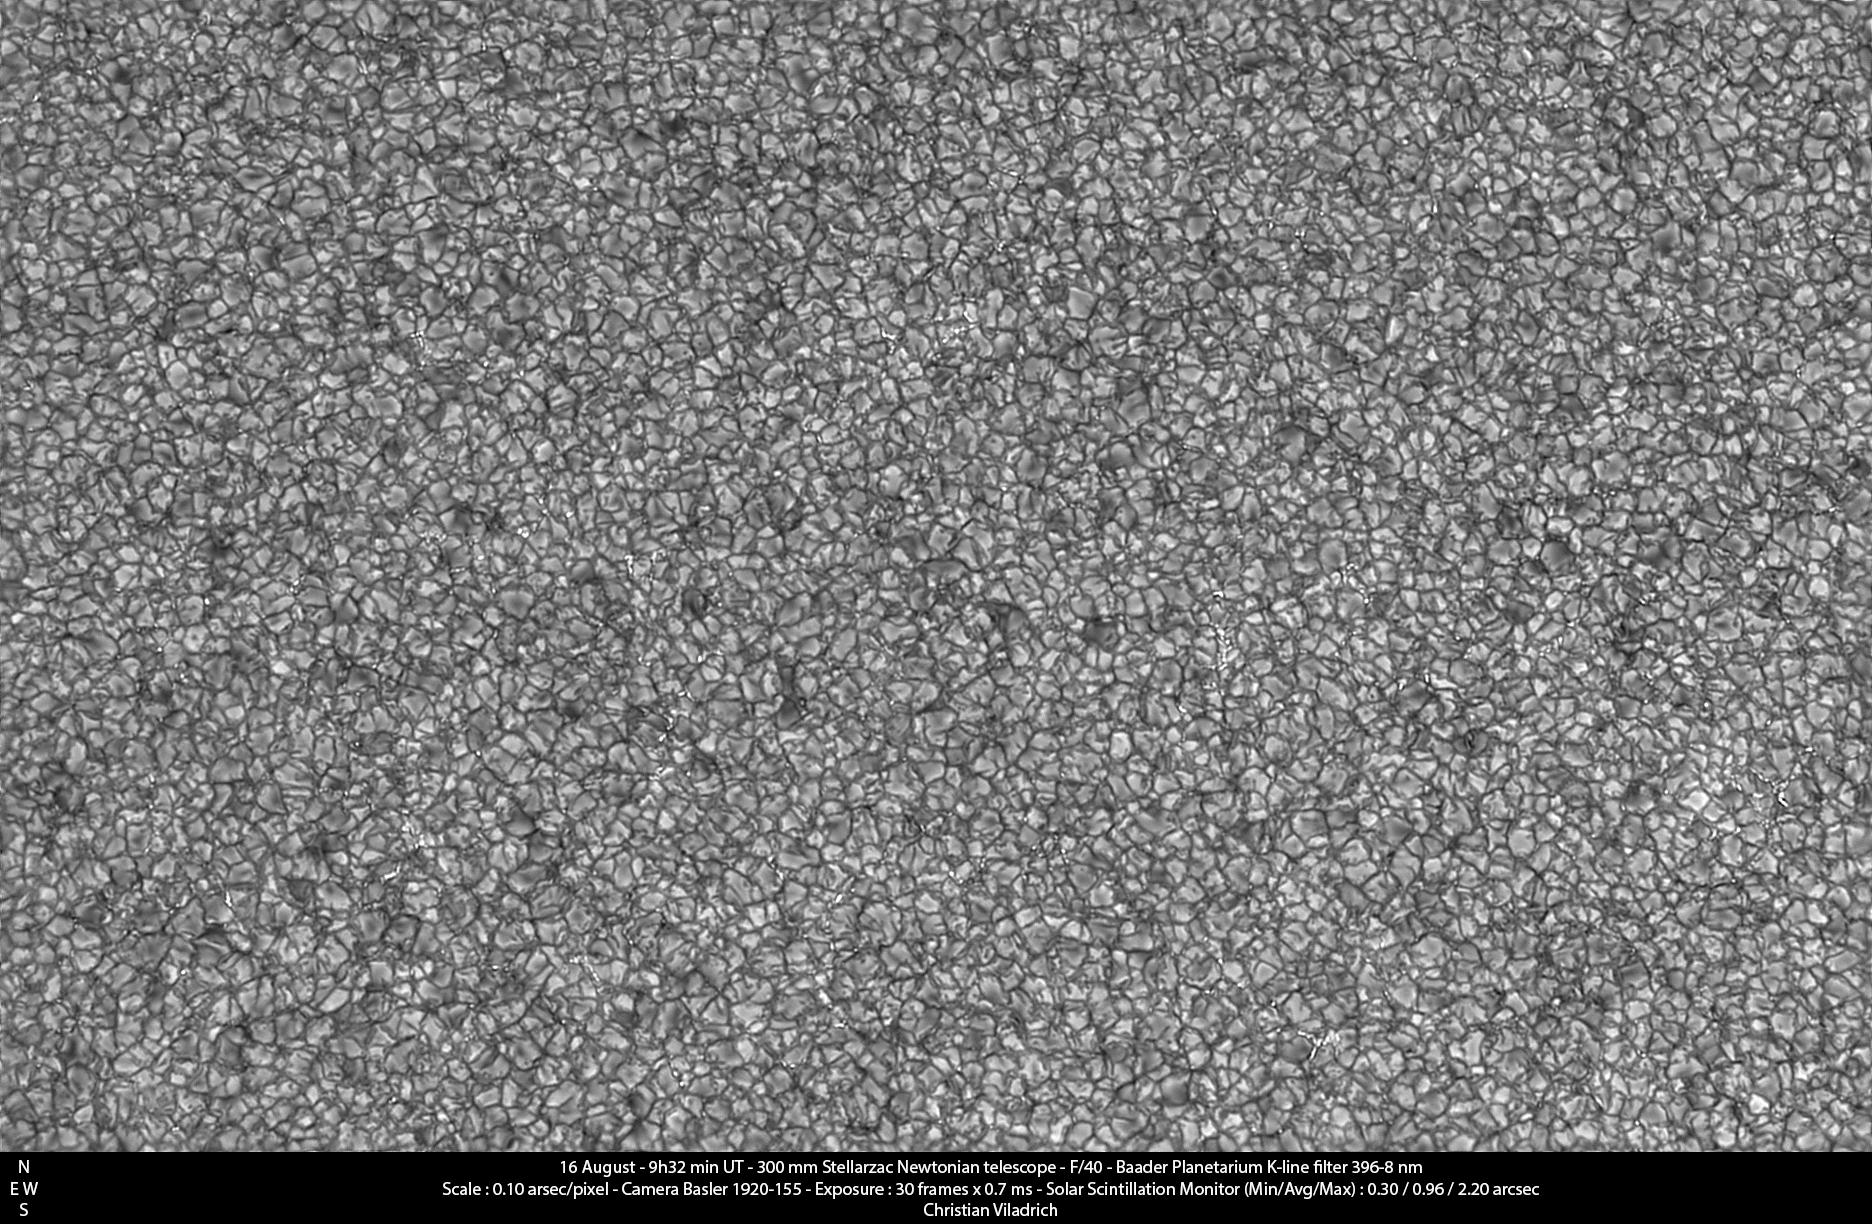 16August2019-9h32minUT-N300-B1920-Kline.